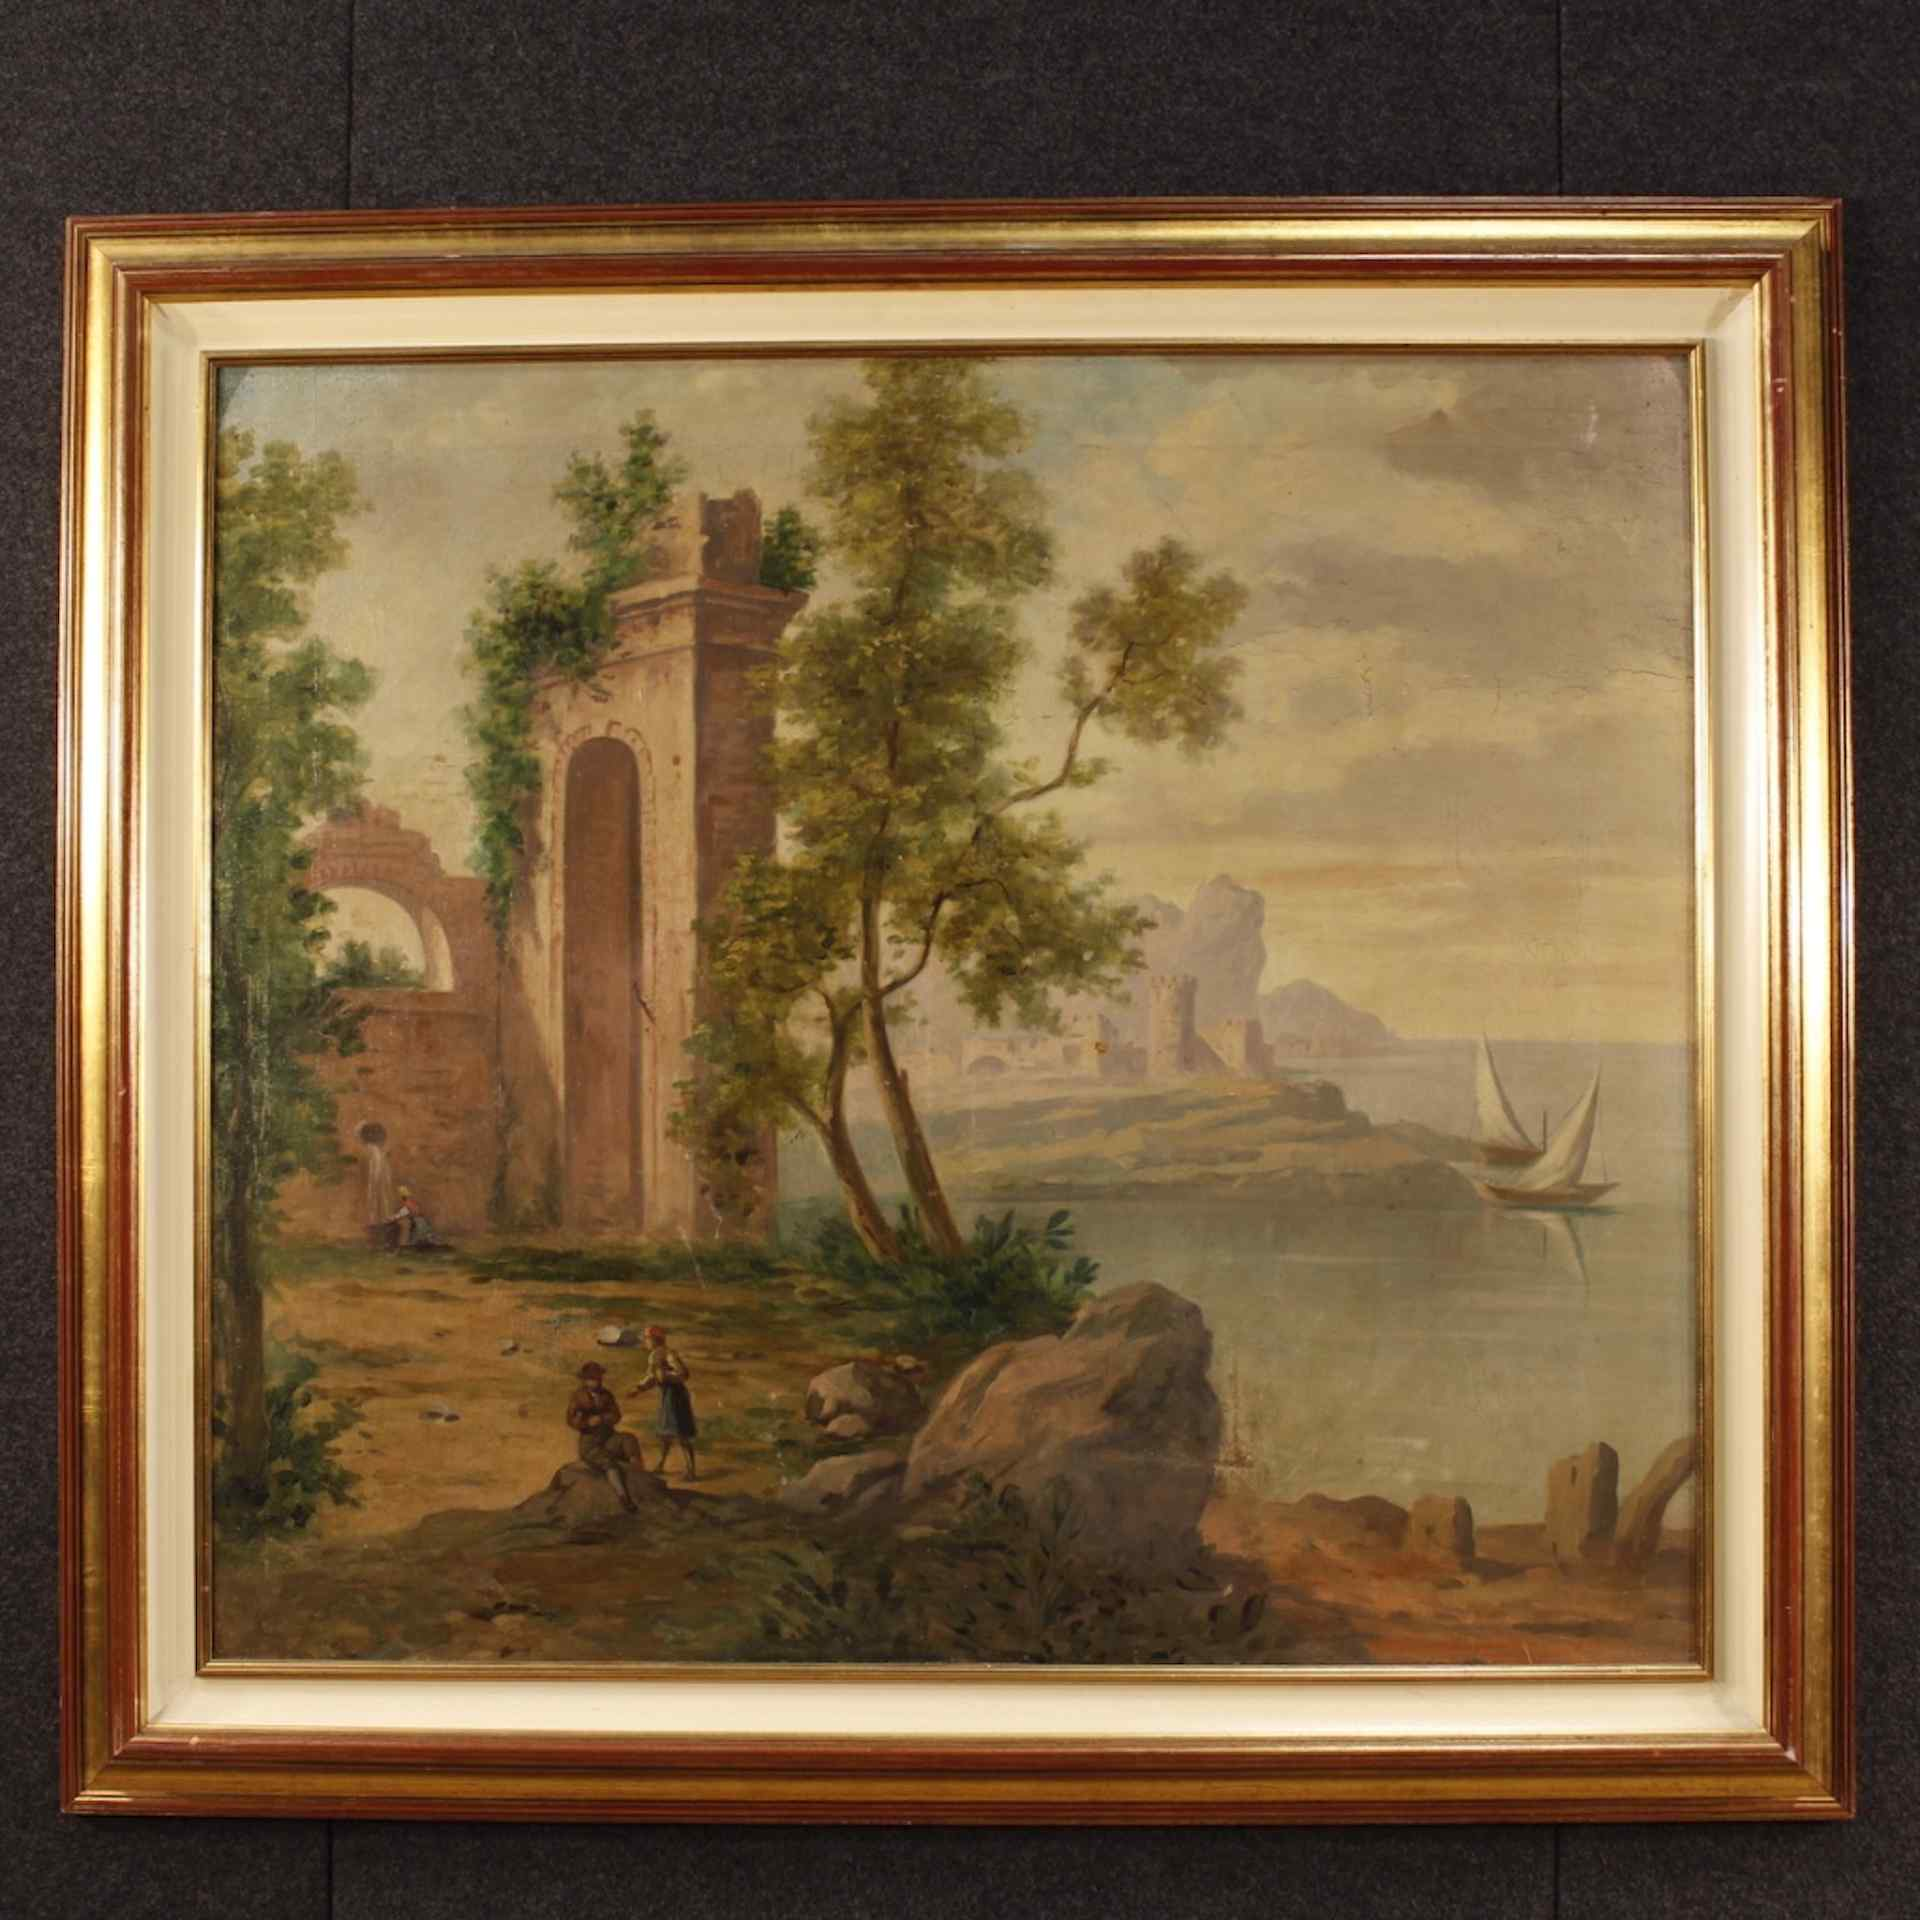 Dipinto italiano paesaggio marino con rovine e personaggi